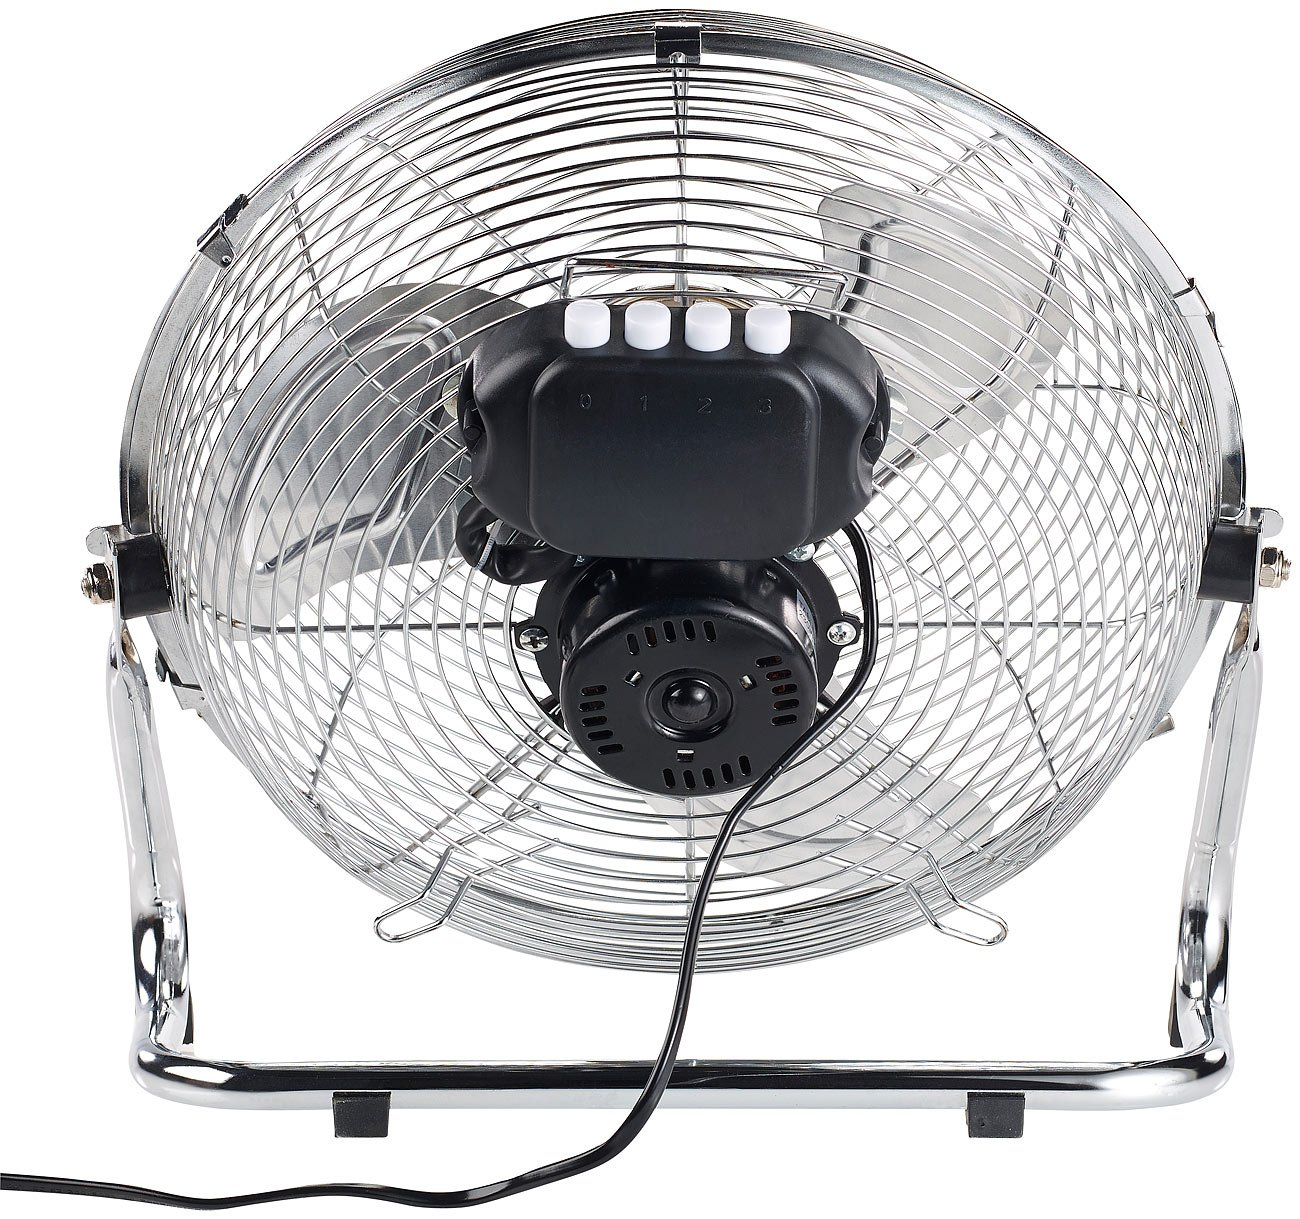 /Ø 30 cm 55 W Retro Ventilator Sichler Haushaltsger/äte Windmaschine: Vollmetall-Bodenventilator mit 3 Geschwindigkeitsstufen